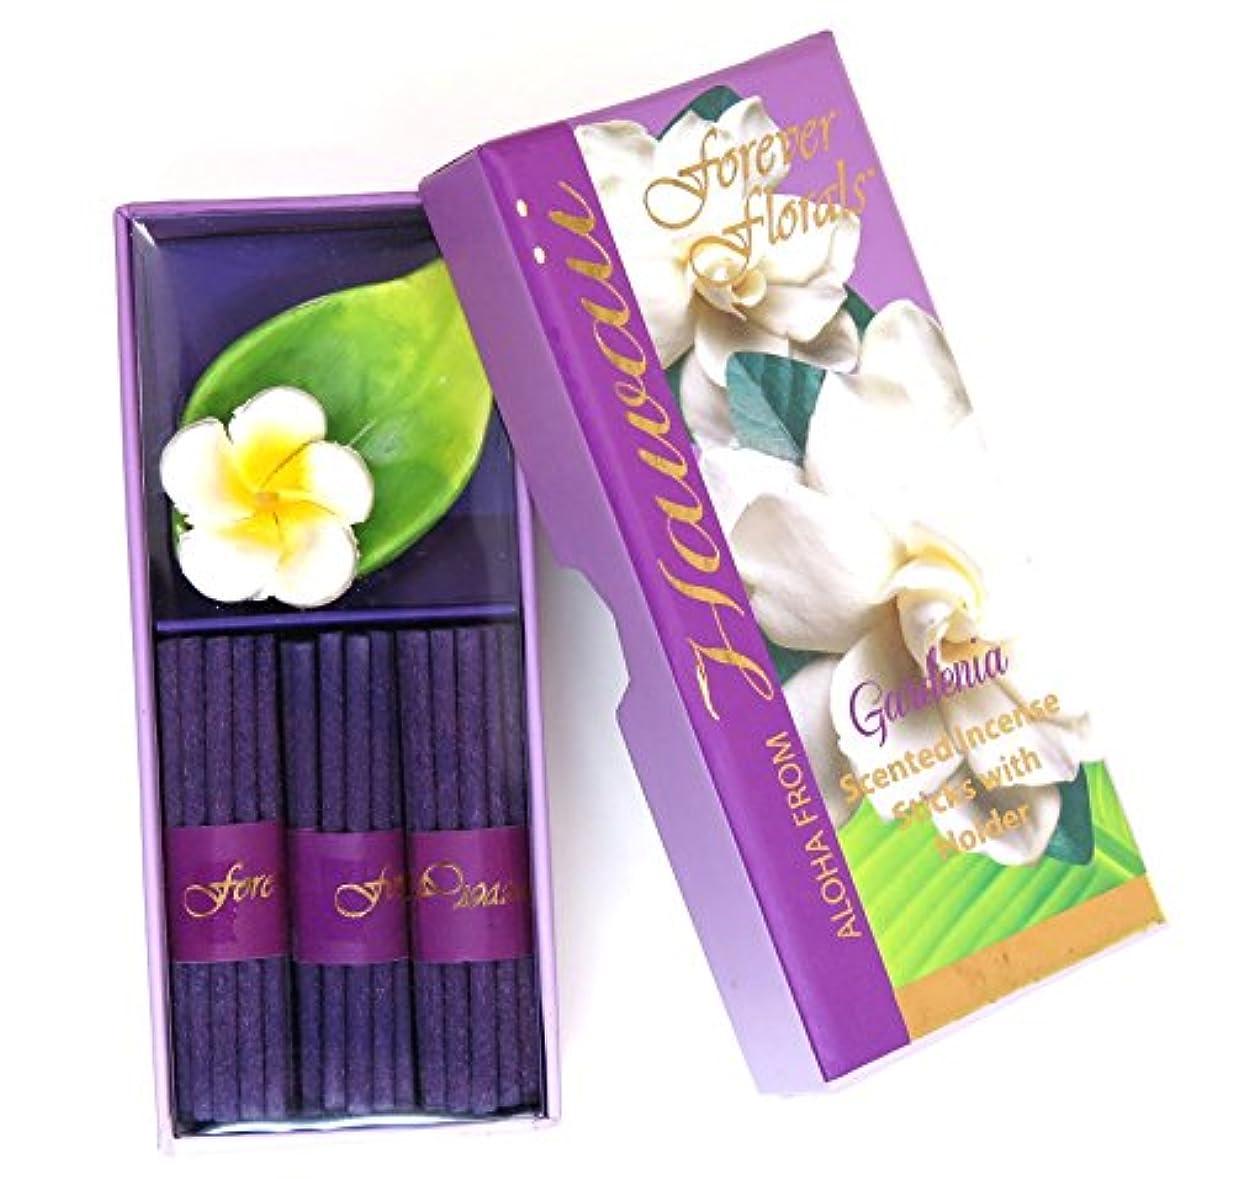 再開ゴミ箱を空にする朝ごはんハワイアン雑貨 ハワイ雑貨/Forever Florals ミニインセンスボックス お香 ガーデニア 【お土産】